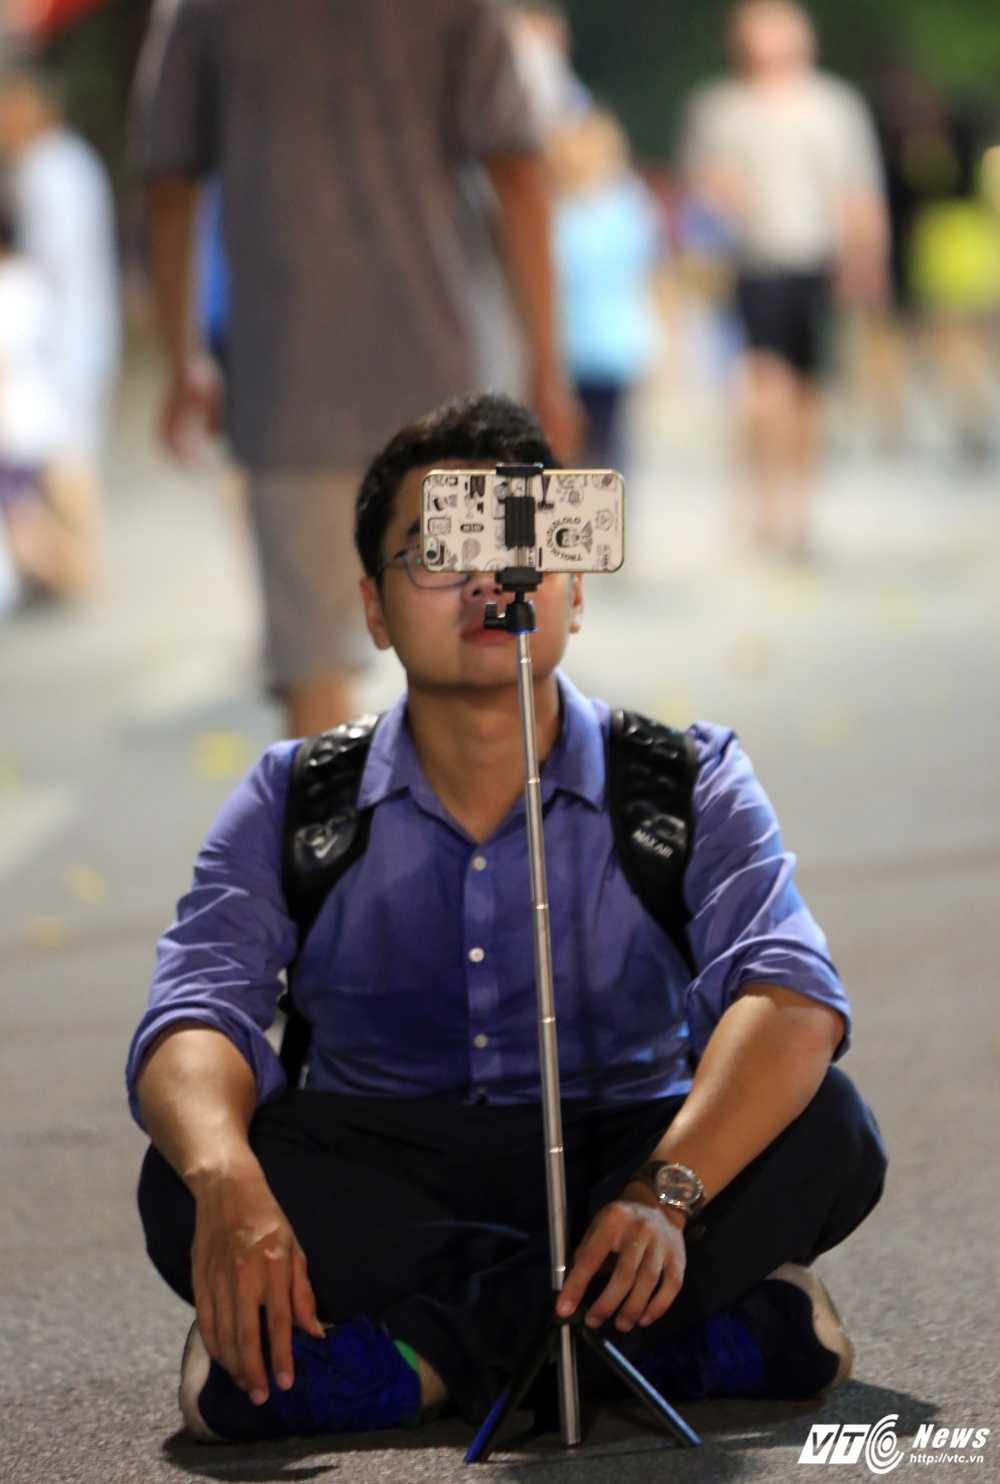 Video, anh: Muon kieu thuong thuc pho di bo quanh Ho Guom cua nguoi Ha Noi hinh anh 14